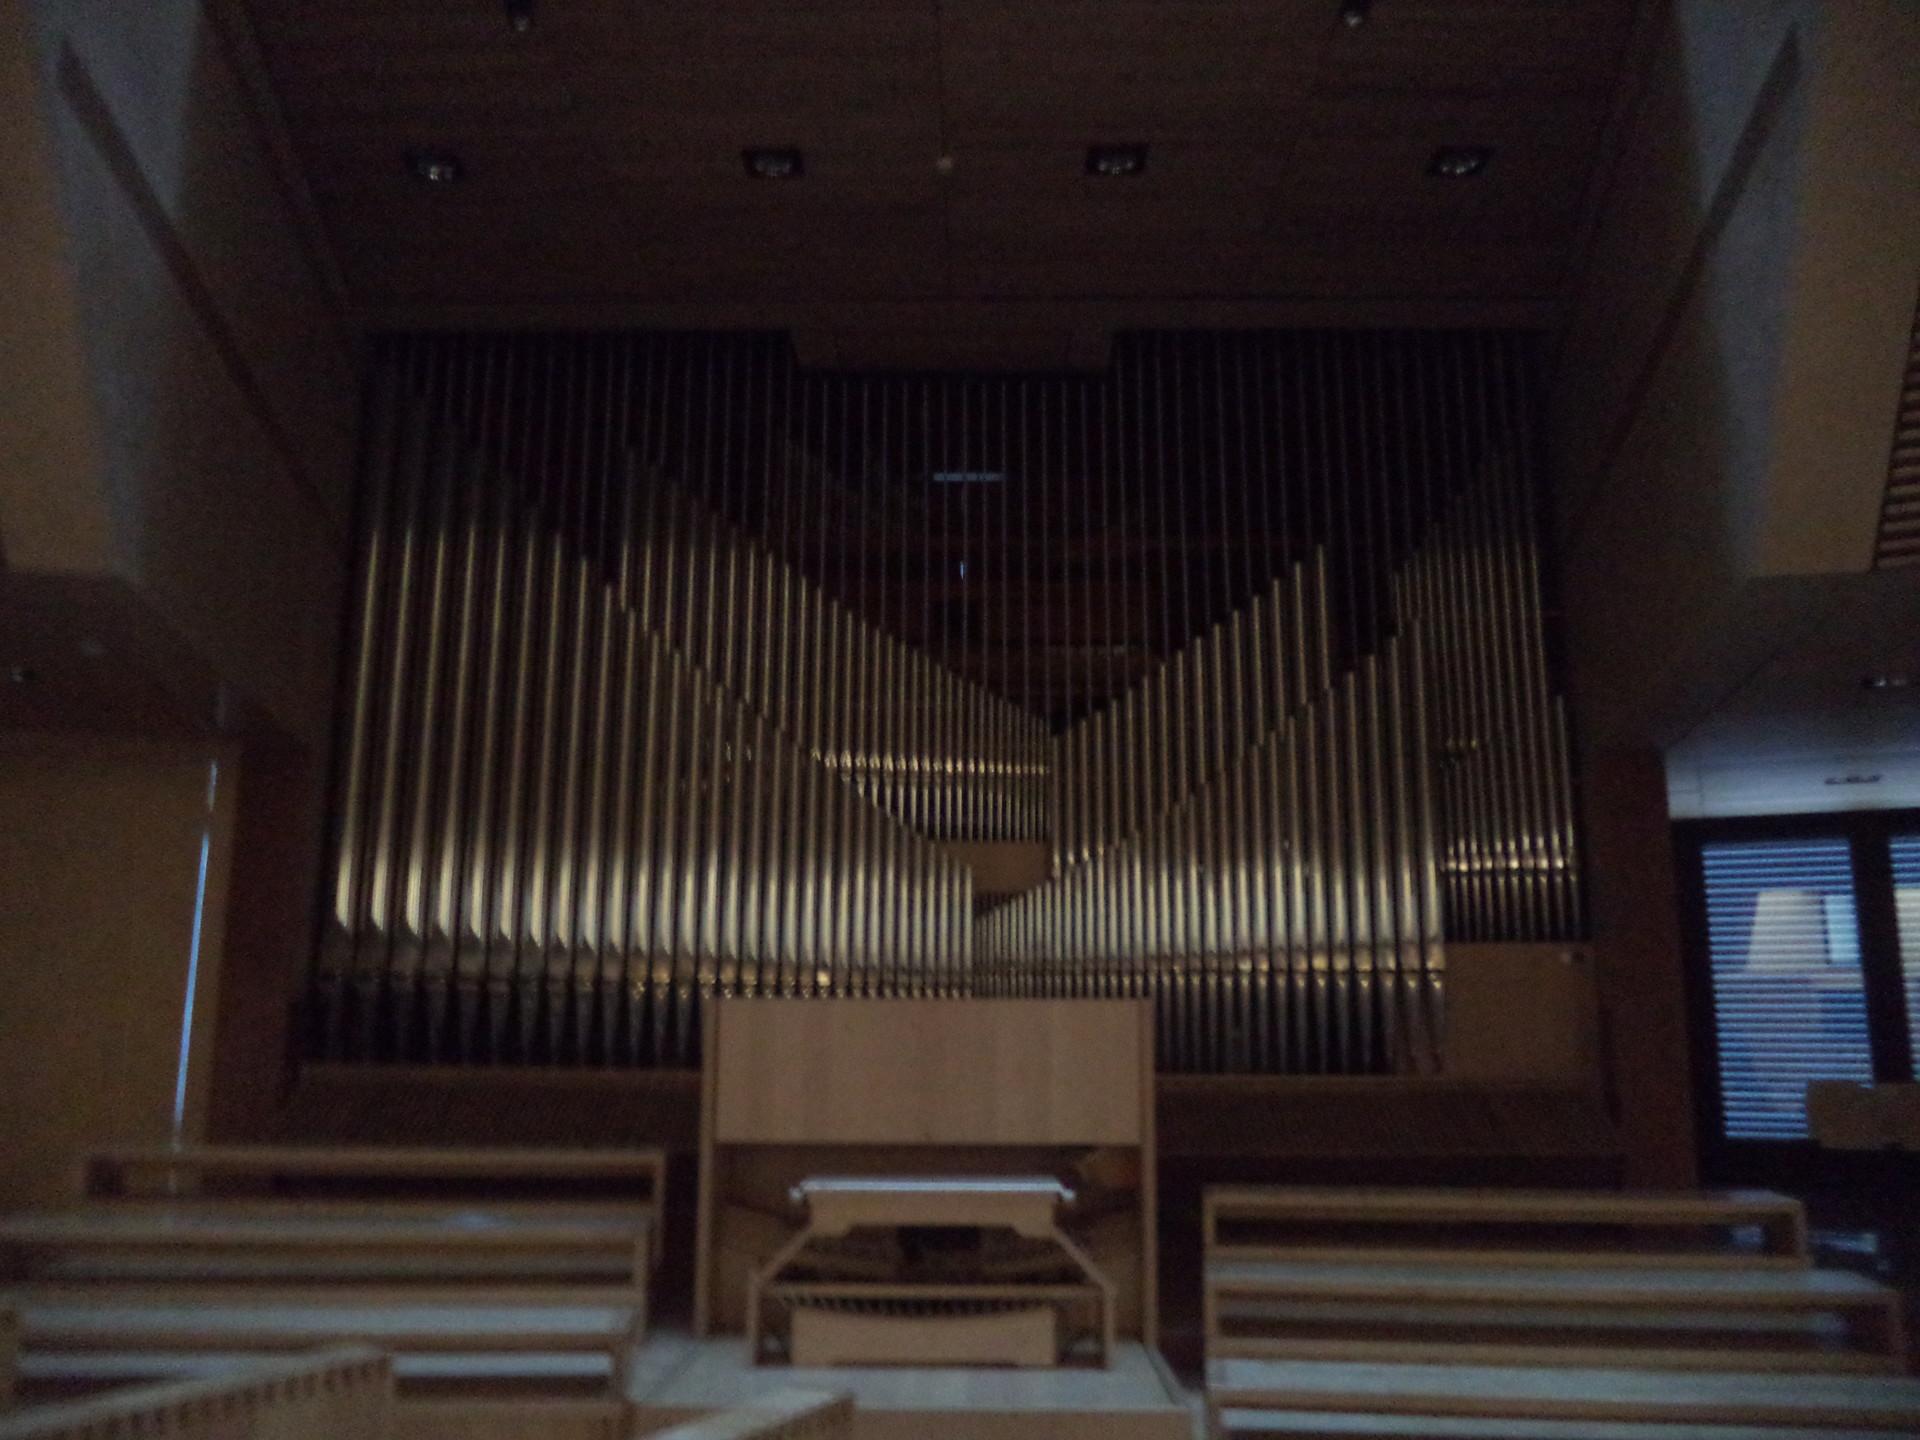 Uma das Igrejas mais bonitas que já vi!